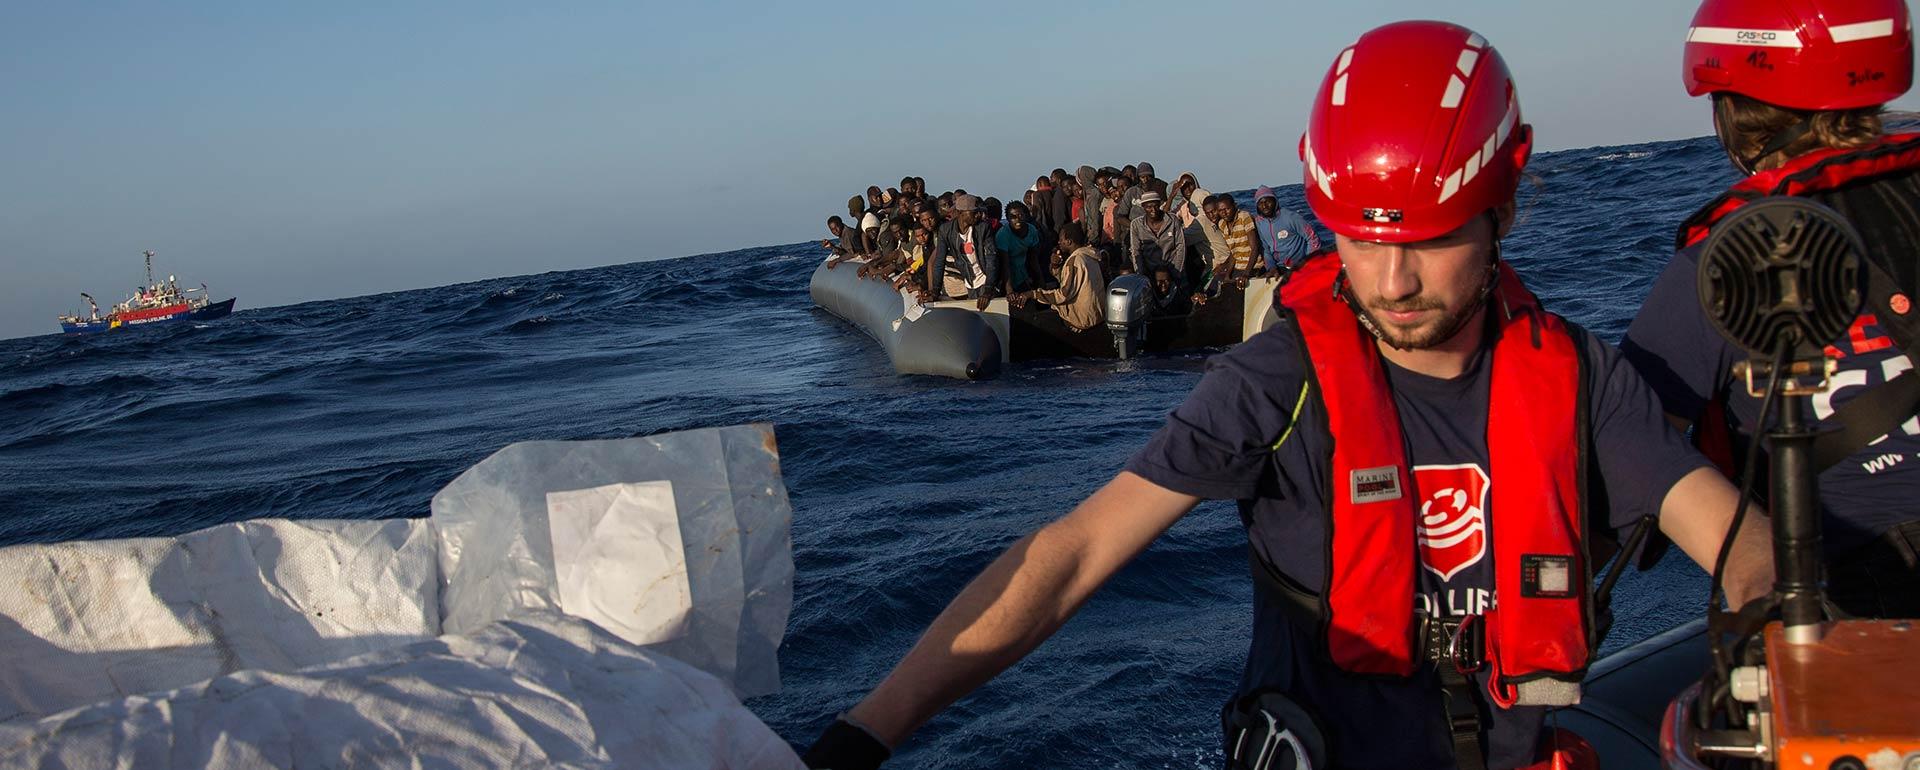 Lifeline-Crew im Einsatz auf offener See. Im Hintergrund links das Schiff Lifeline, in der Mitte ein Boot mit geretteten Menschen. Im Vordergrund zwei Lifeline-Crewmitglieder in der Nahaufnahme, die Rettungswesten und Helme tragen